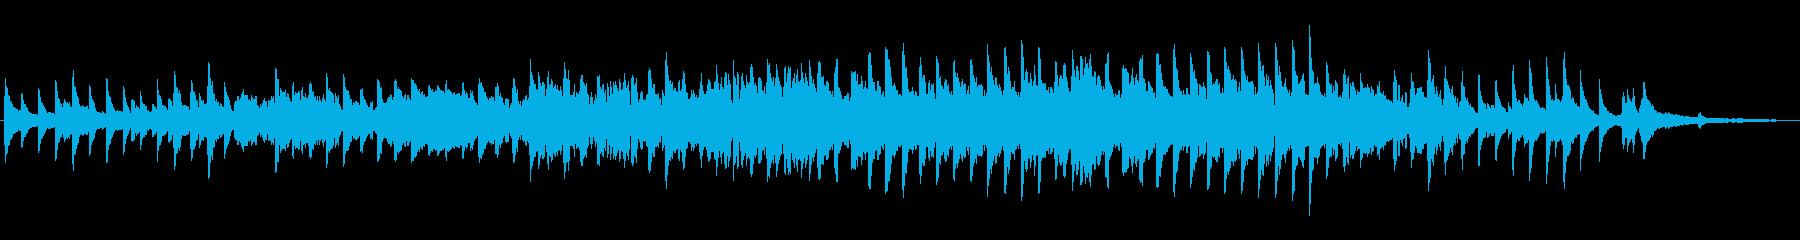 ノスタルジックな雰囲気の曲です_02の再生済みの波形